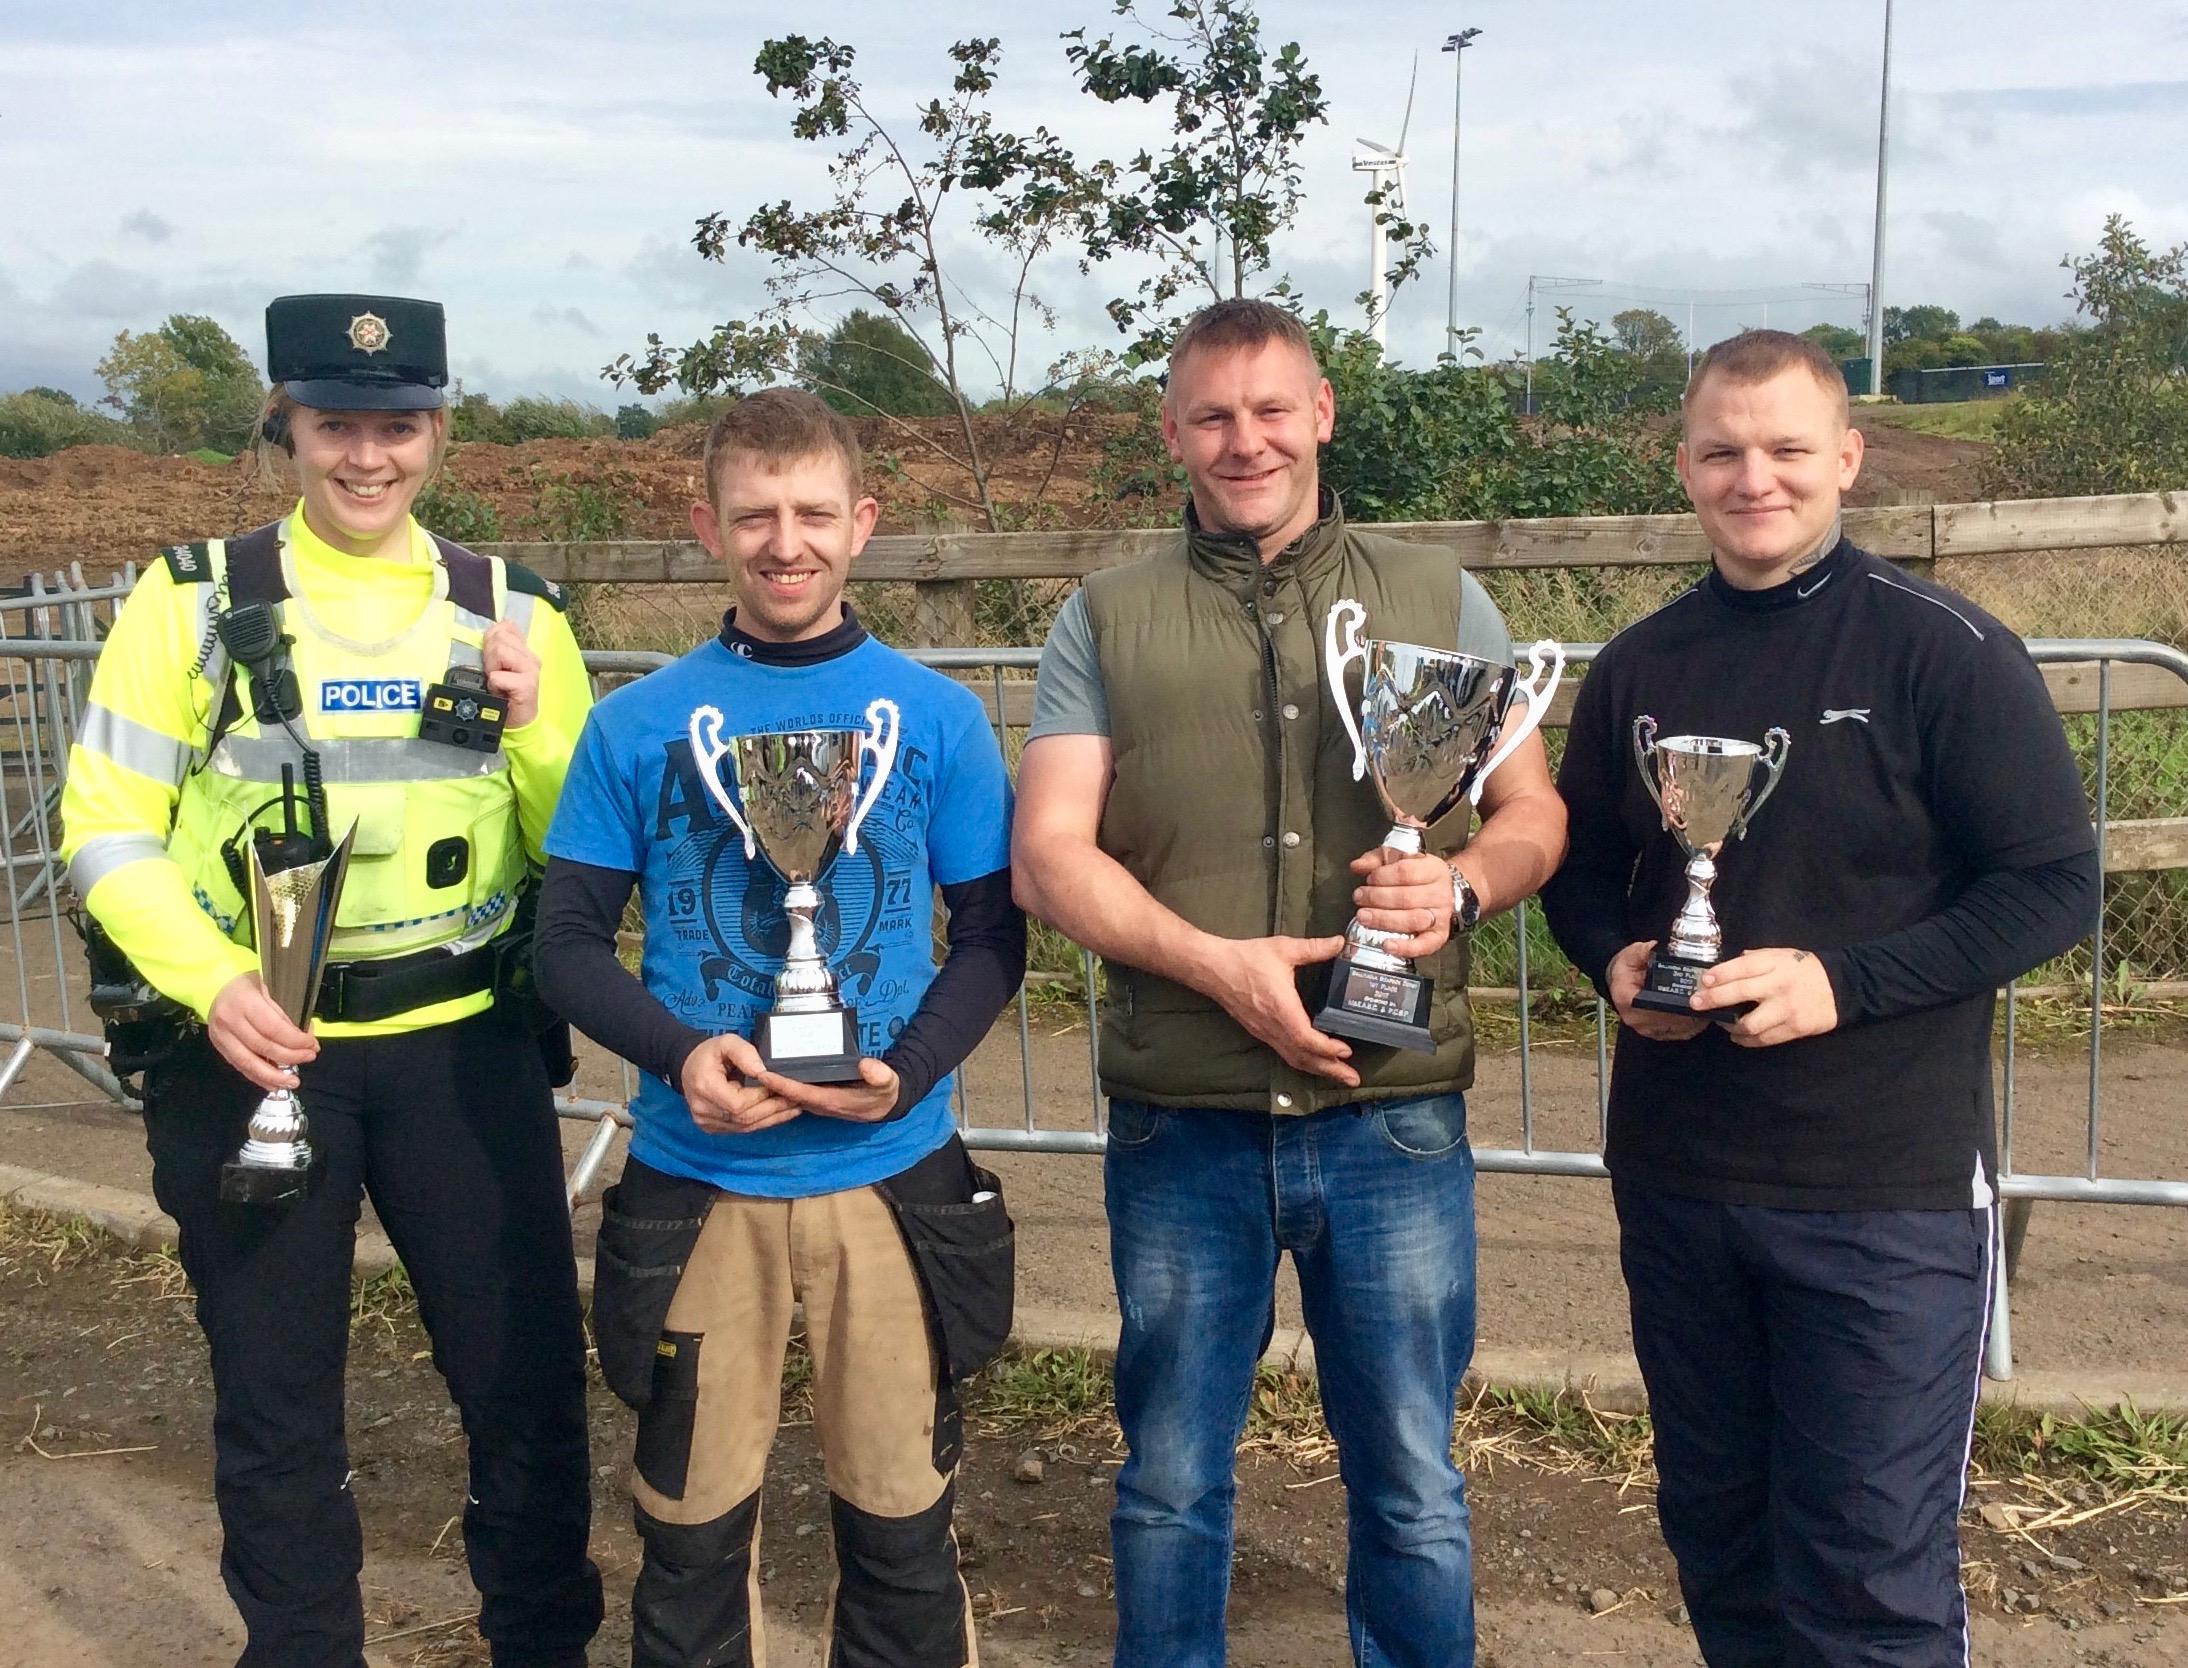 The proud winners!